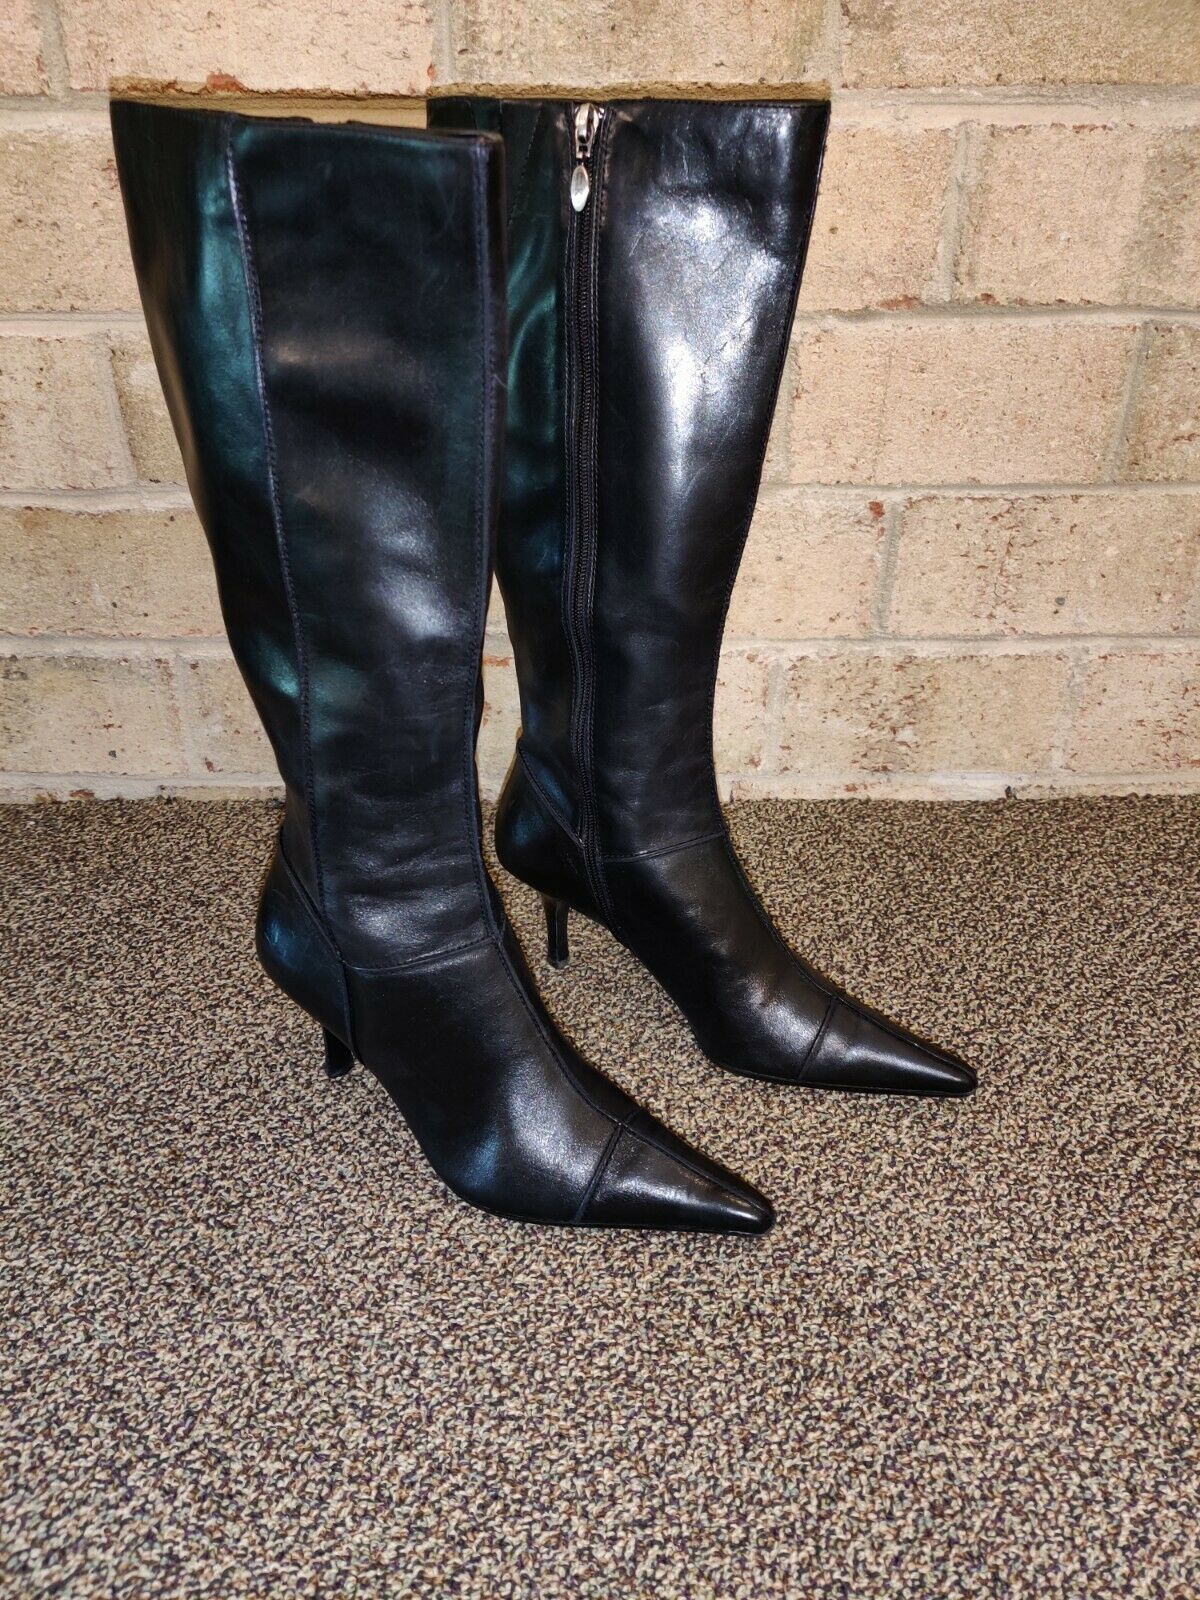 Anne Klein cuir noir point Bottes hautes à bout fermeture éclair arrière femme taille 8.5